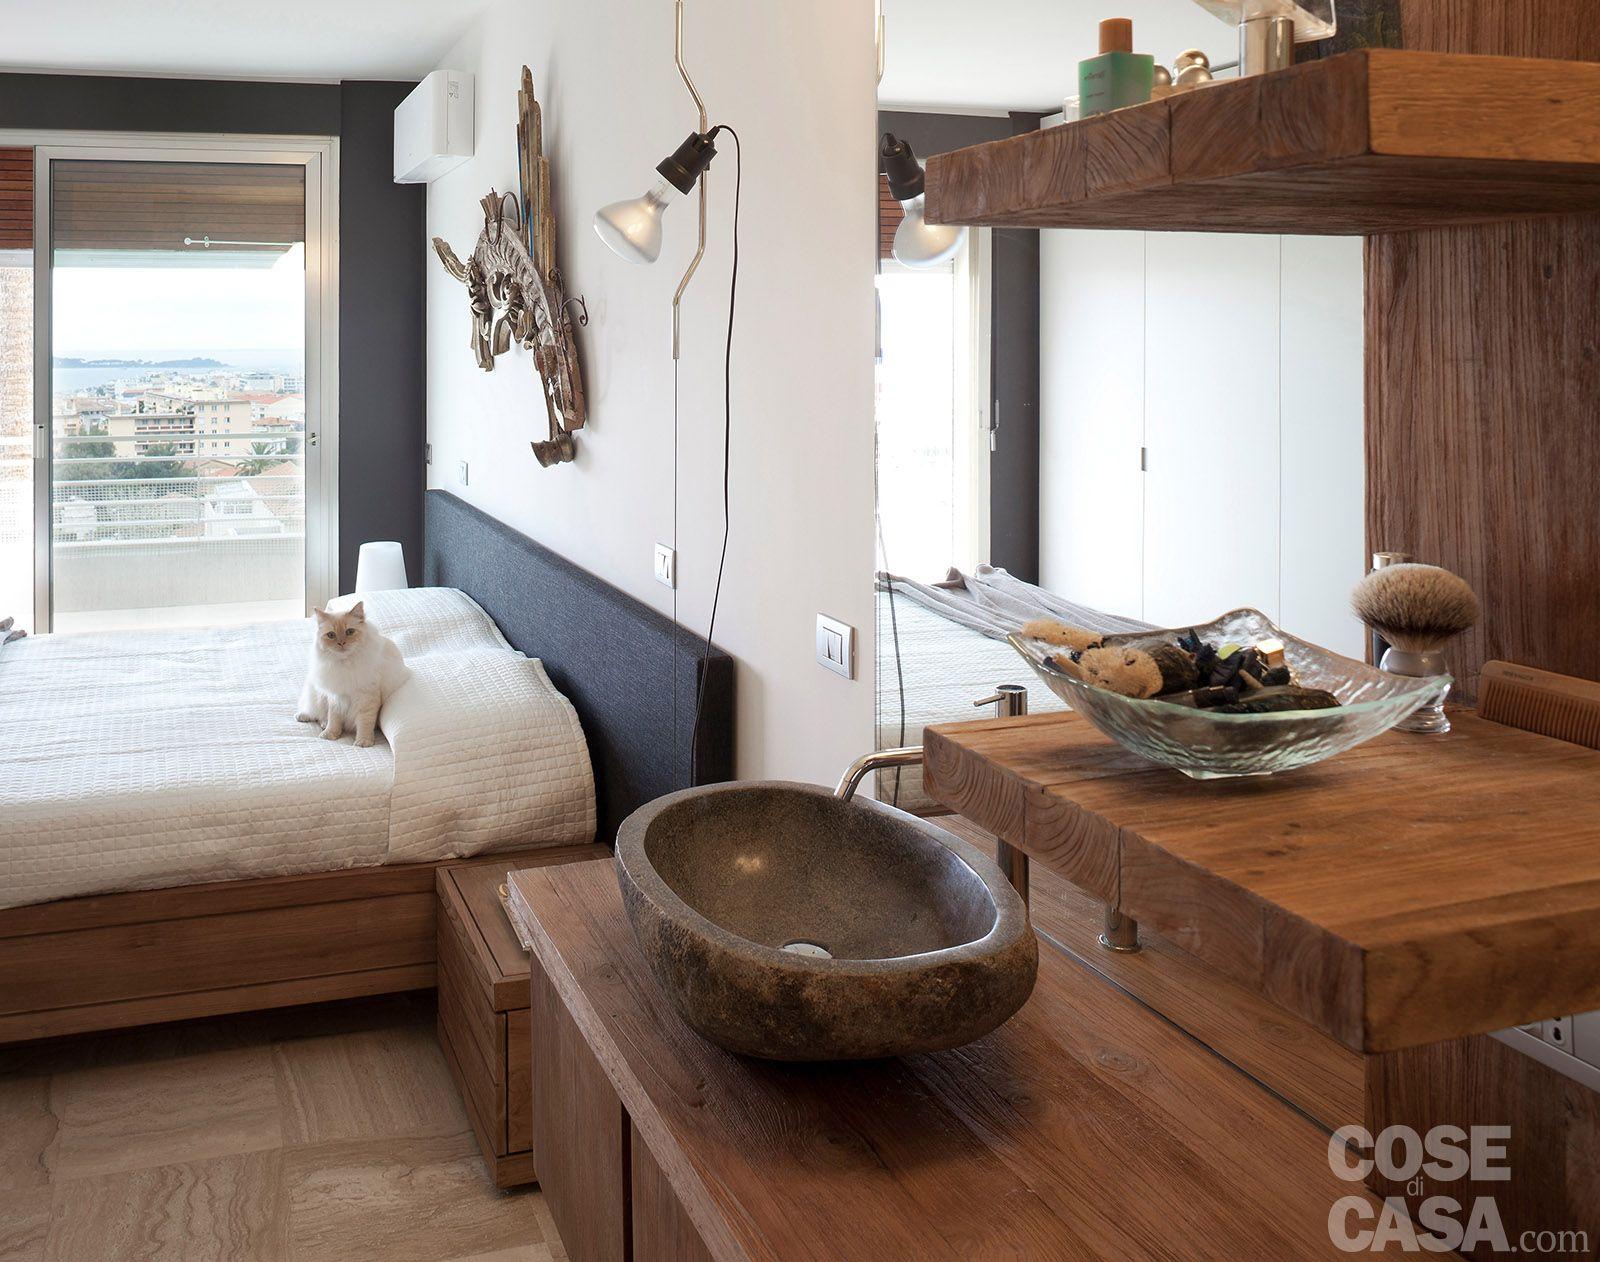 bagni con lavabo in pietra e base legno - Cerca con Google | My ...